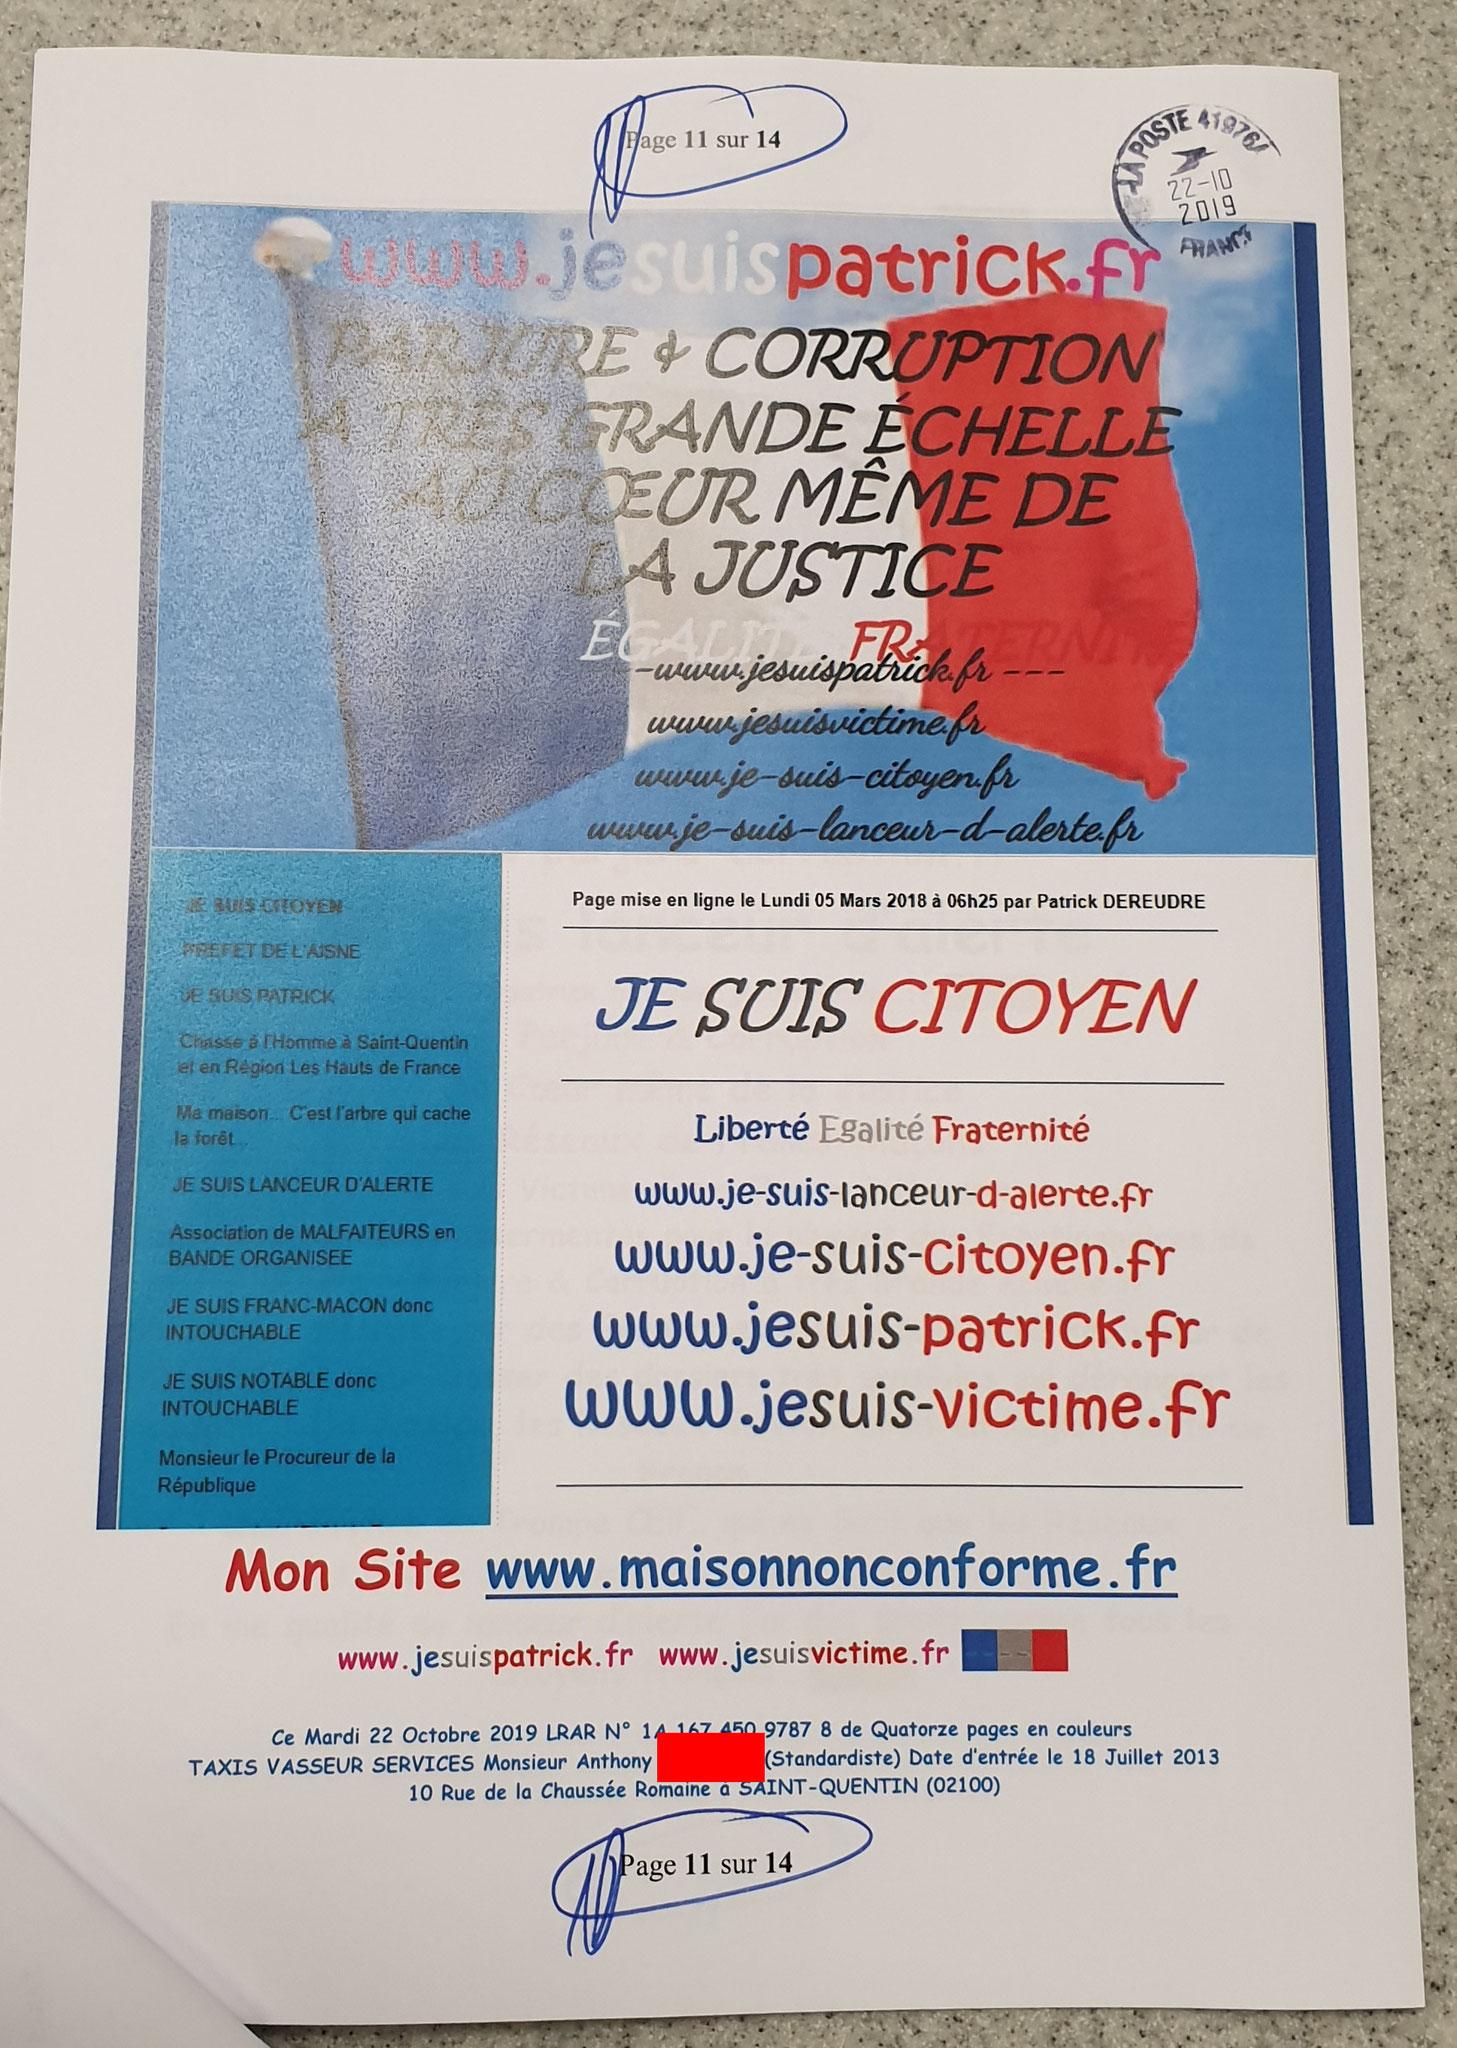 Ma troisième LRAR du 22 Octobre 2019 à Monsieur Anthony Standardiste CHEZ LES TAXIS VASSEUR SERVICES VIOLENCES & SOUFFRANCES AU TRAVAIL (MOBBING & GANG STAKLING) www.jenesuispasunchien.fr www.jesuisvictime.fr www.jesuispatrick.fr